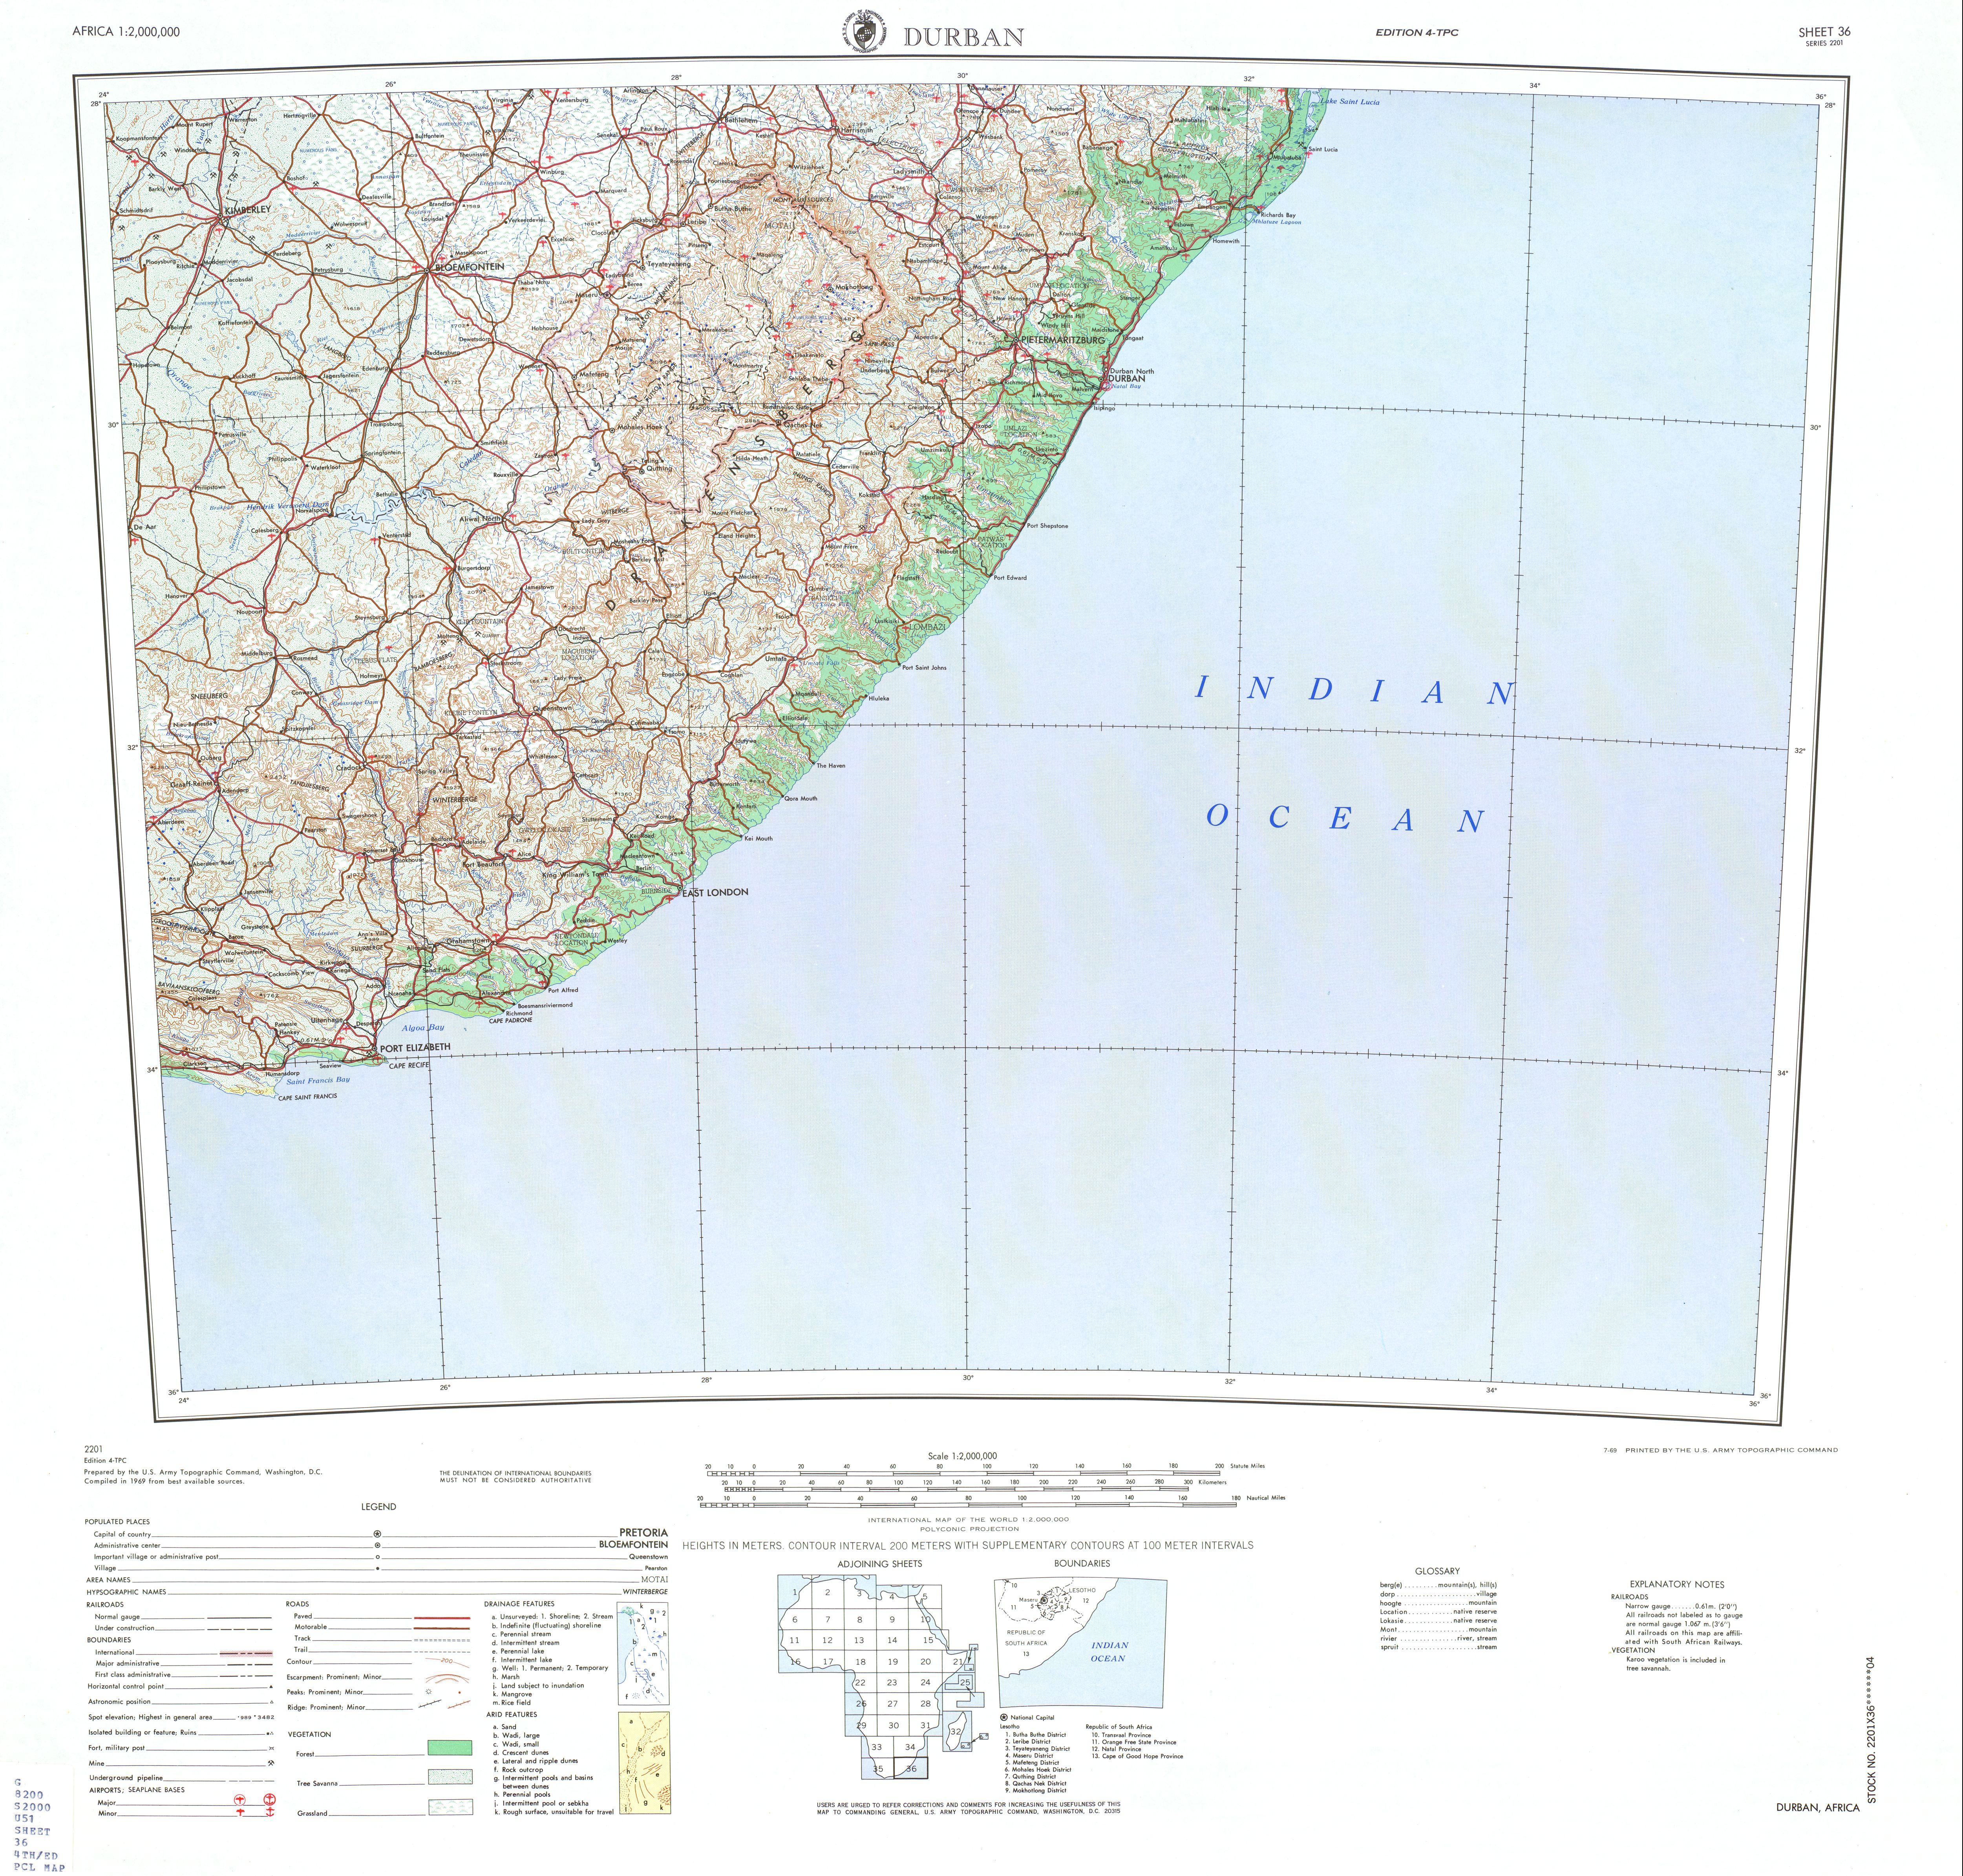 Hoja Durban del Mapa Topográfico de África 1969